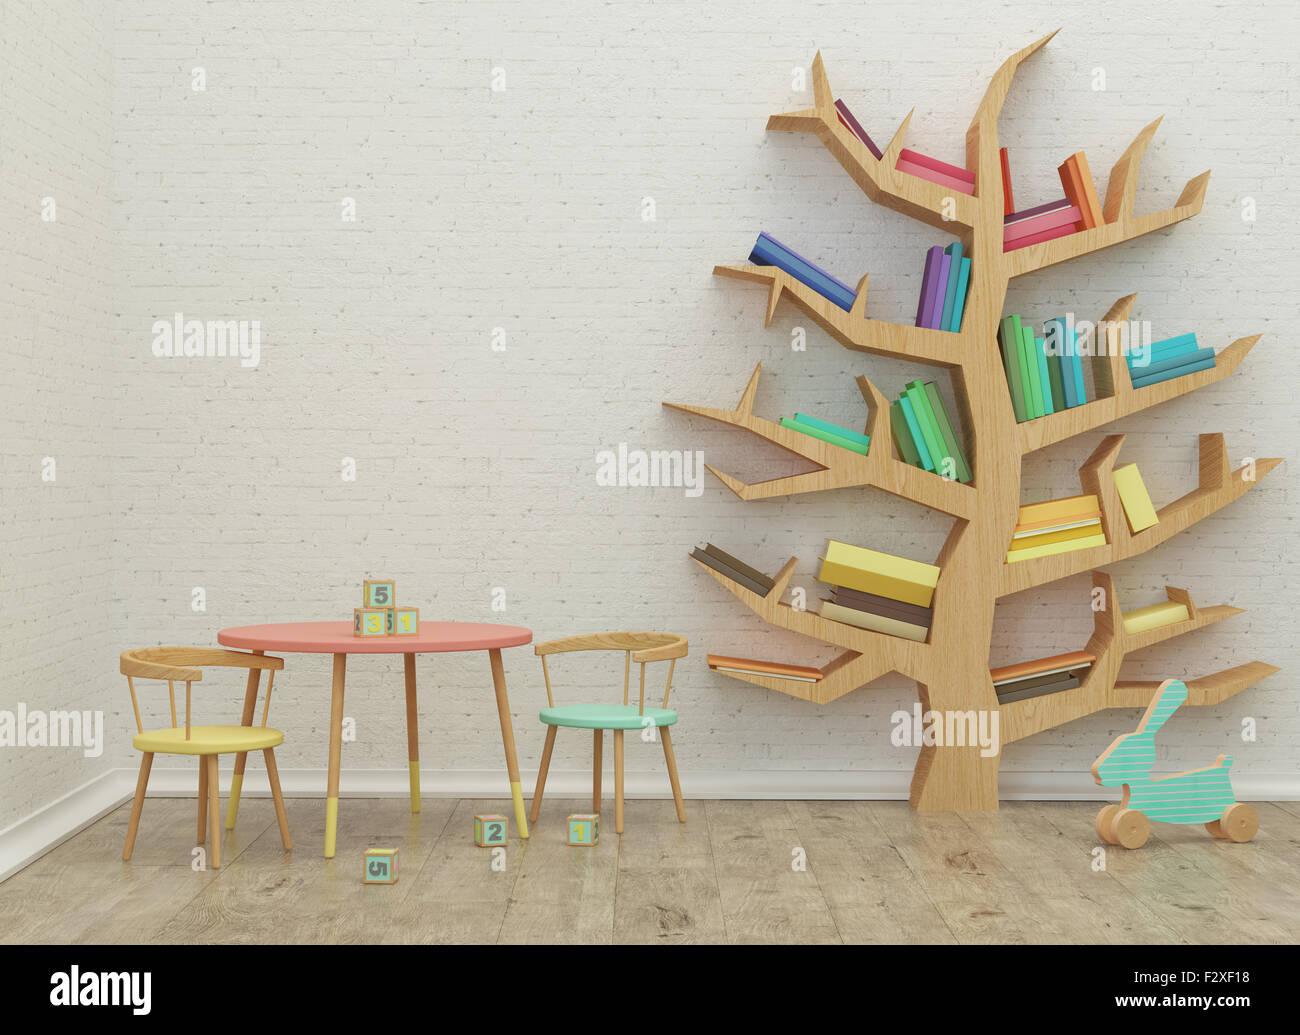 Salle de jeux pour les enfants l'intérieur de l'image de rendu 3D avec des livres et des jouets Photo Stock